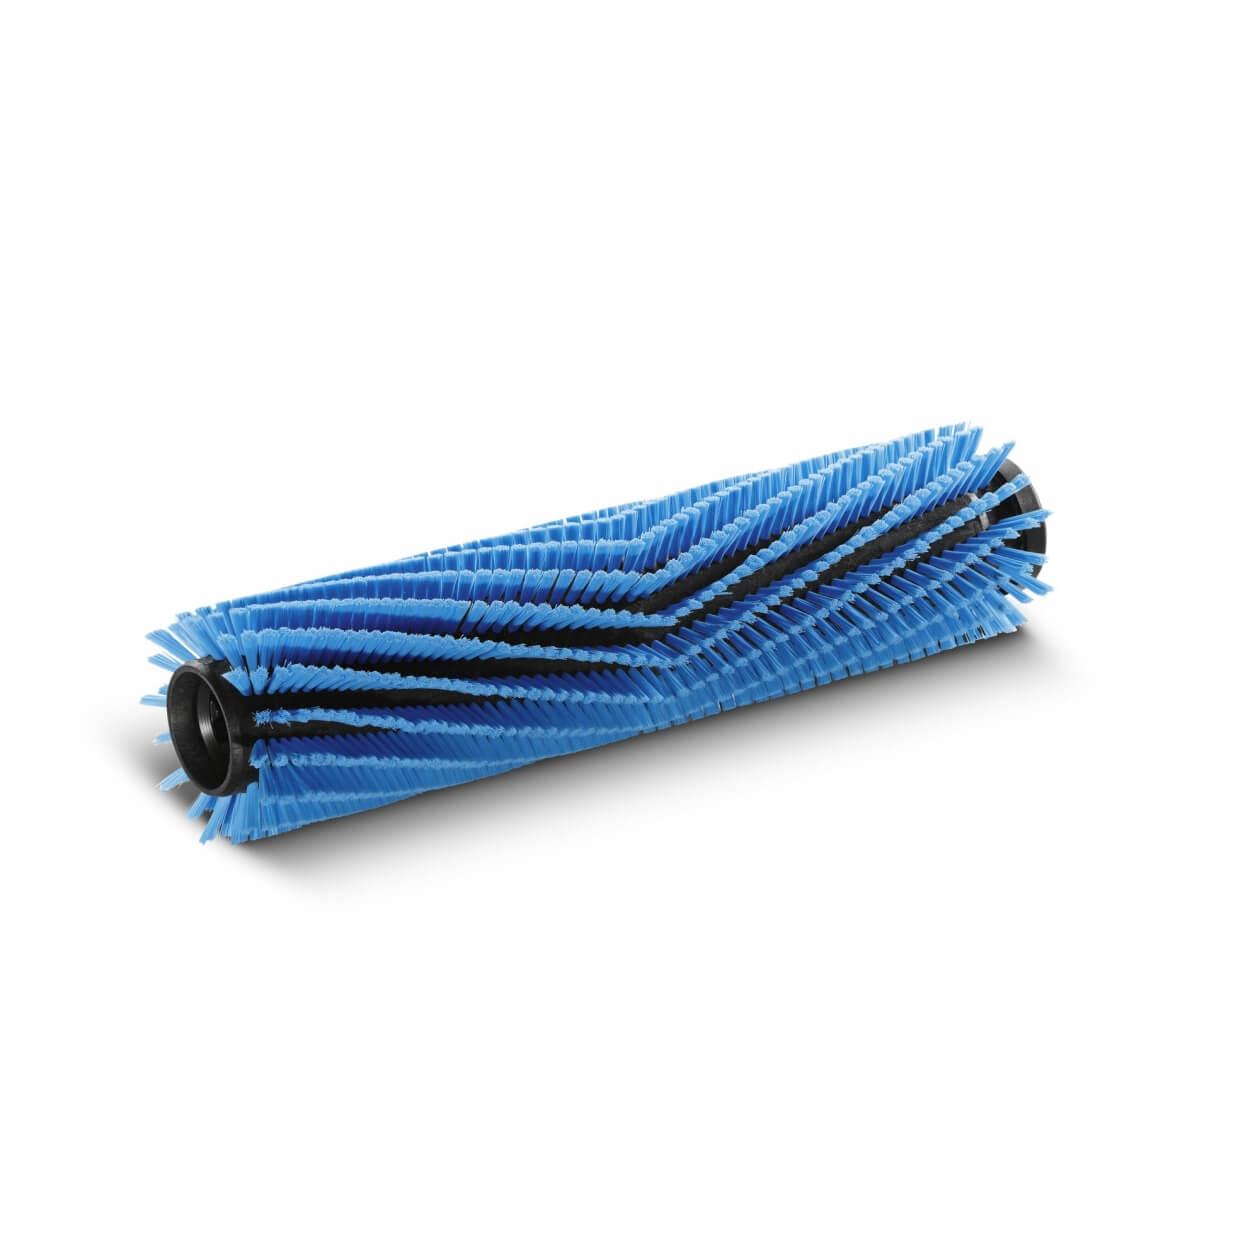 Image of   Kärcher, børstevalse, blød, blå, 300 mm - 47624990